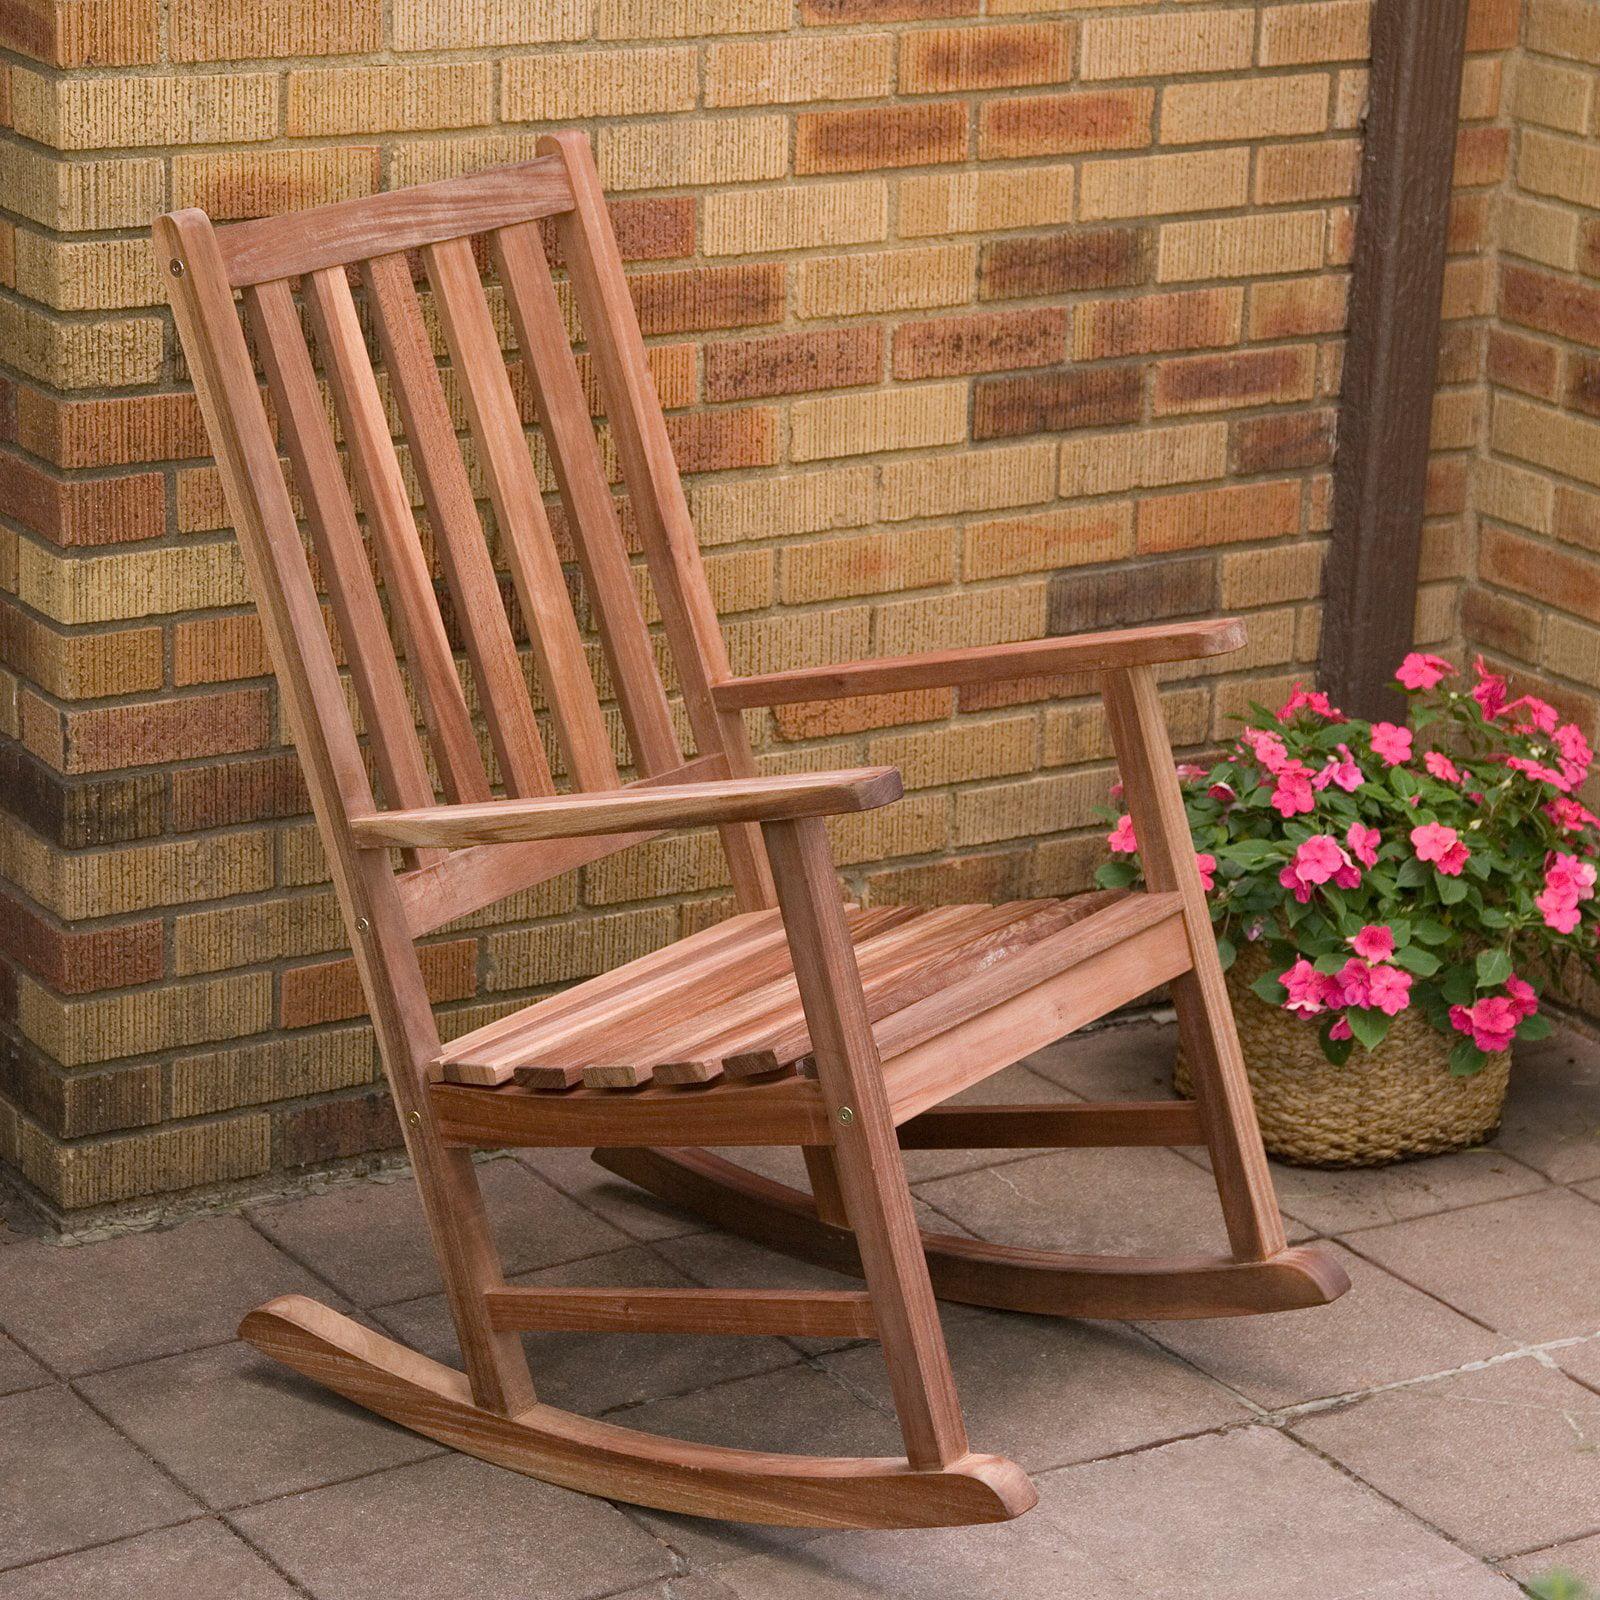 Belham Living Richmond Heavy Duty Outdoor Wooden Rocking Chair   Walmart.com